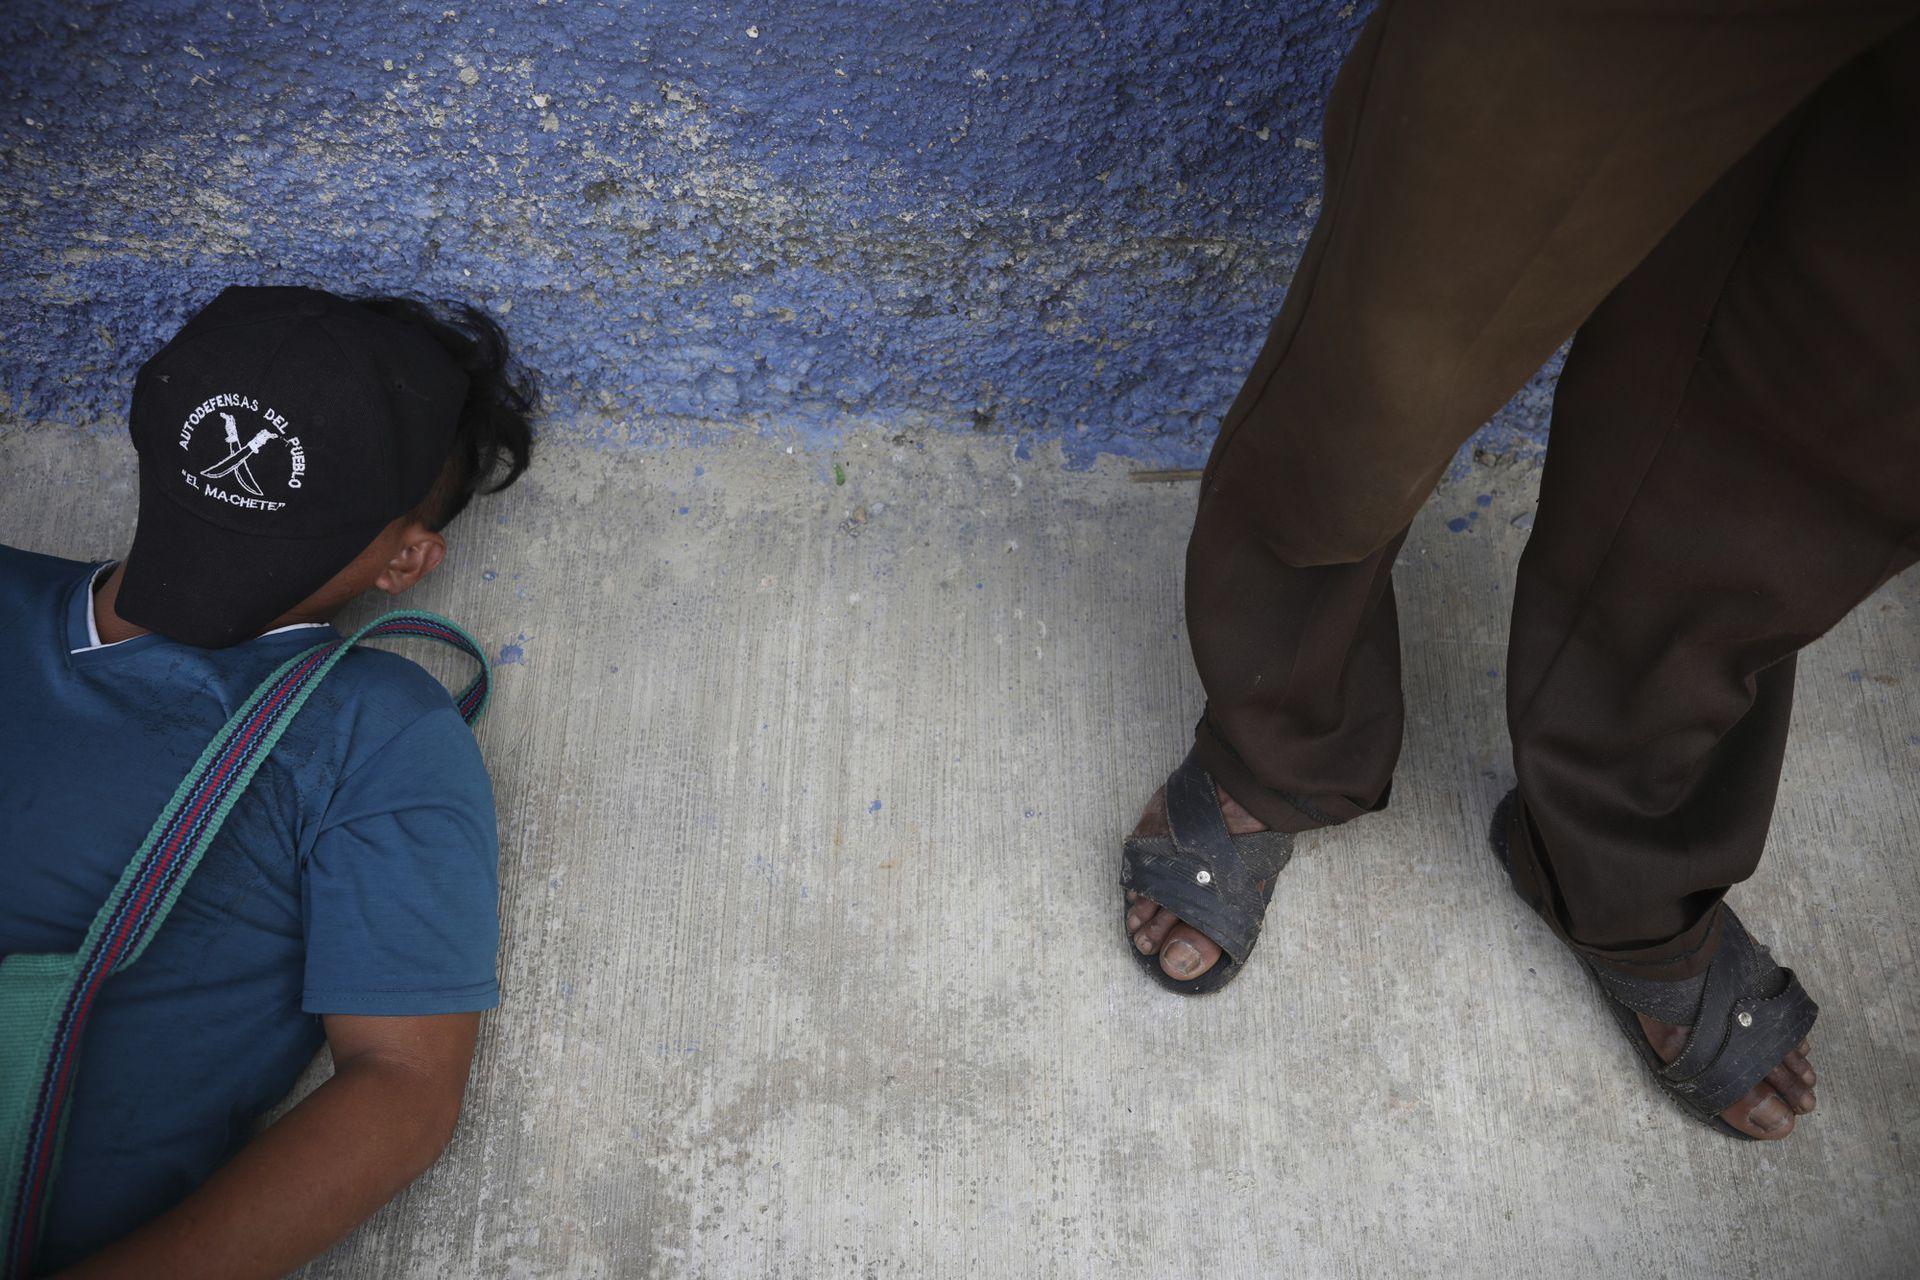 """Un miembro de """"El Machete"""" duerme una siesta en la acera mientras espera afuera durante una reunión entre autoridades locales y líderes del grupo de autodefensas en Pantelho, estado de Chiapas"""